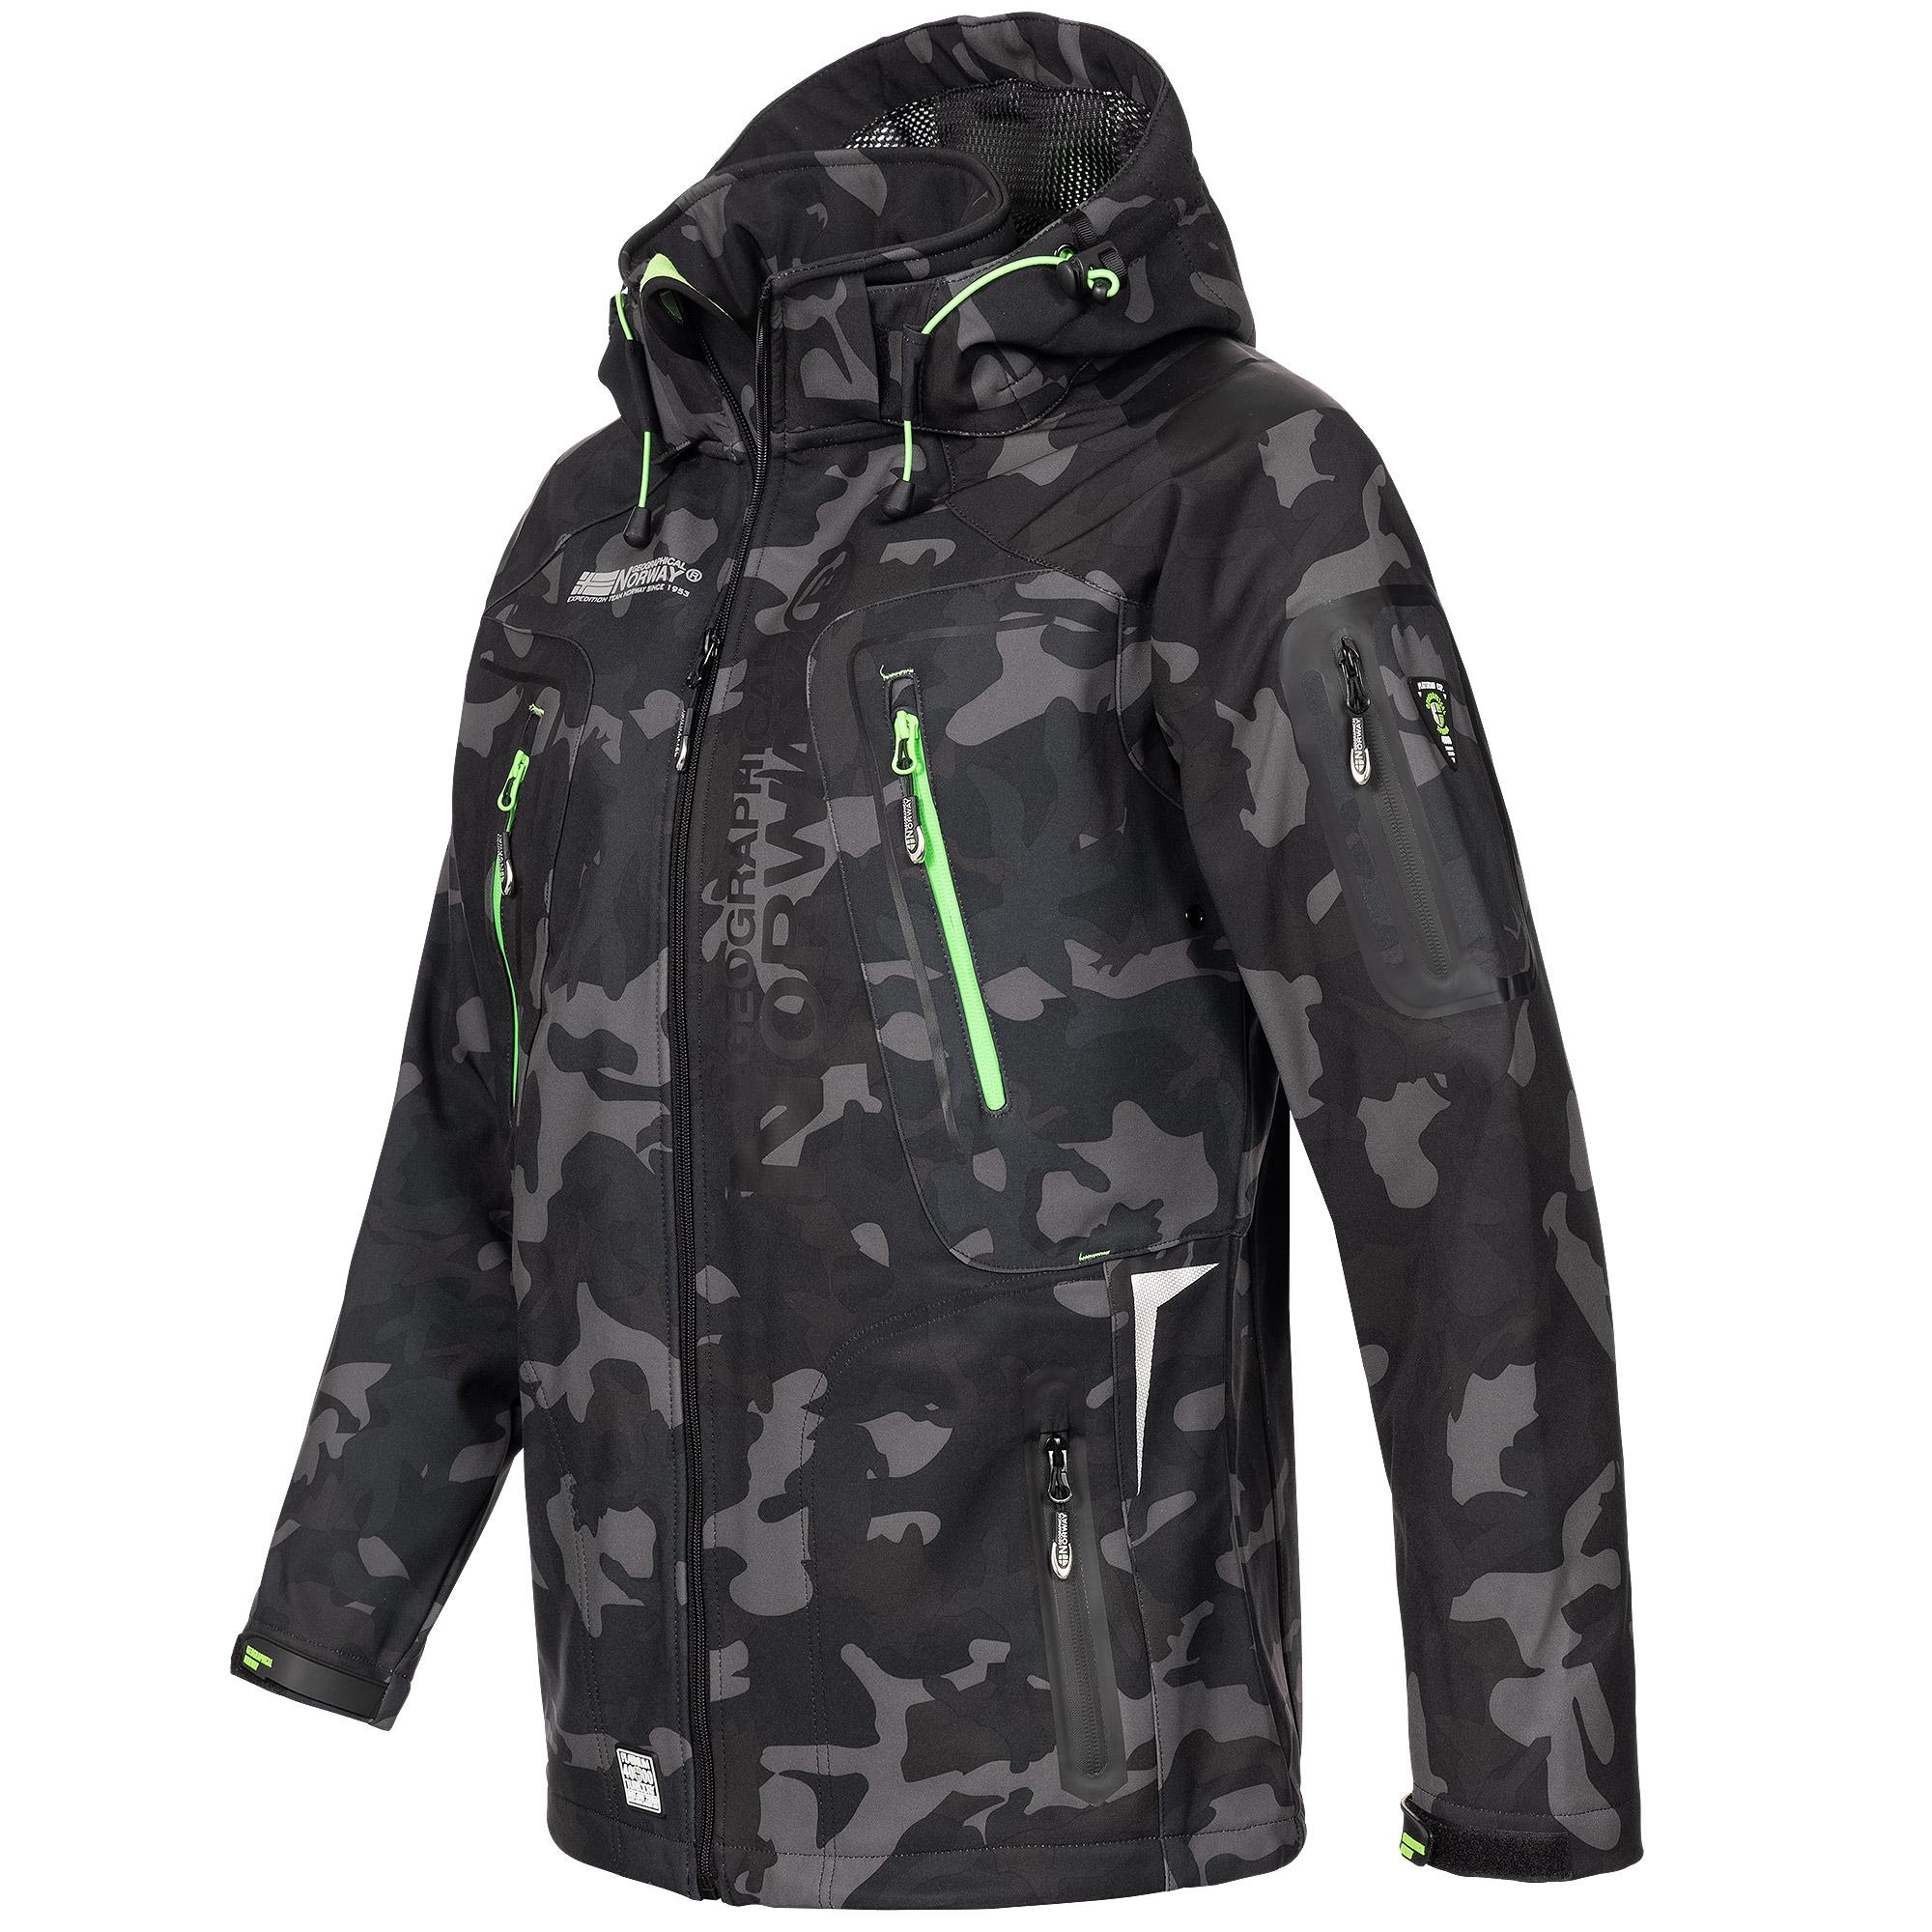 Geographical-Norway-Camouflage-Herren-Softshell-Funktions-Outdoor-Regen-Jacke Indexbild 3